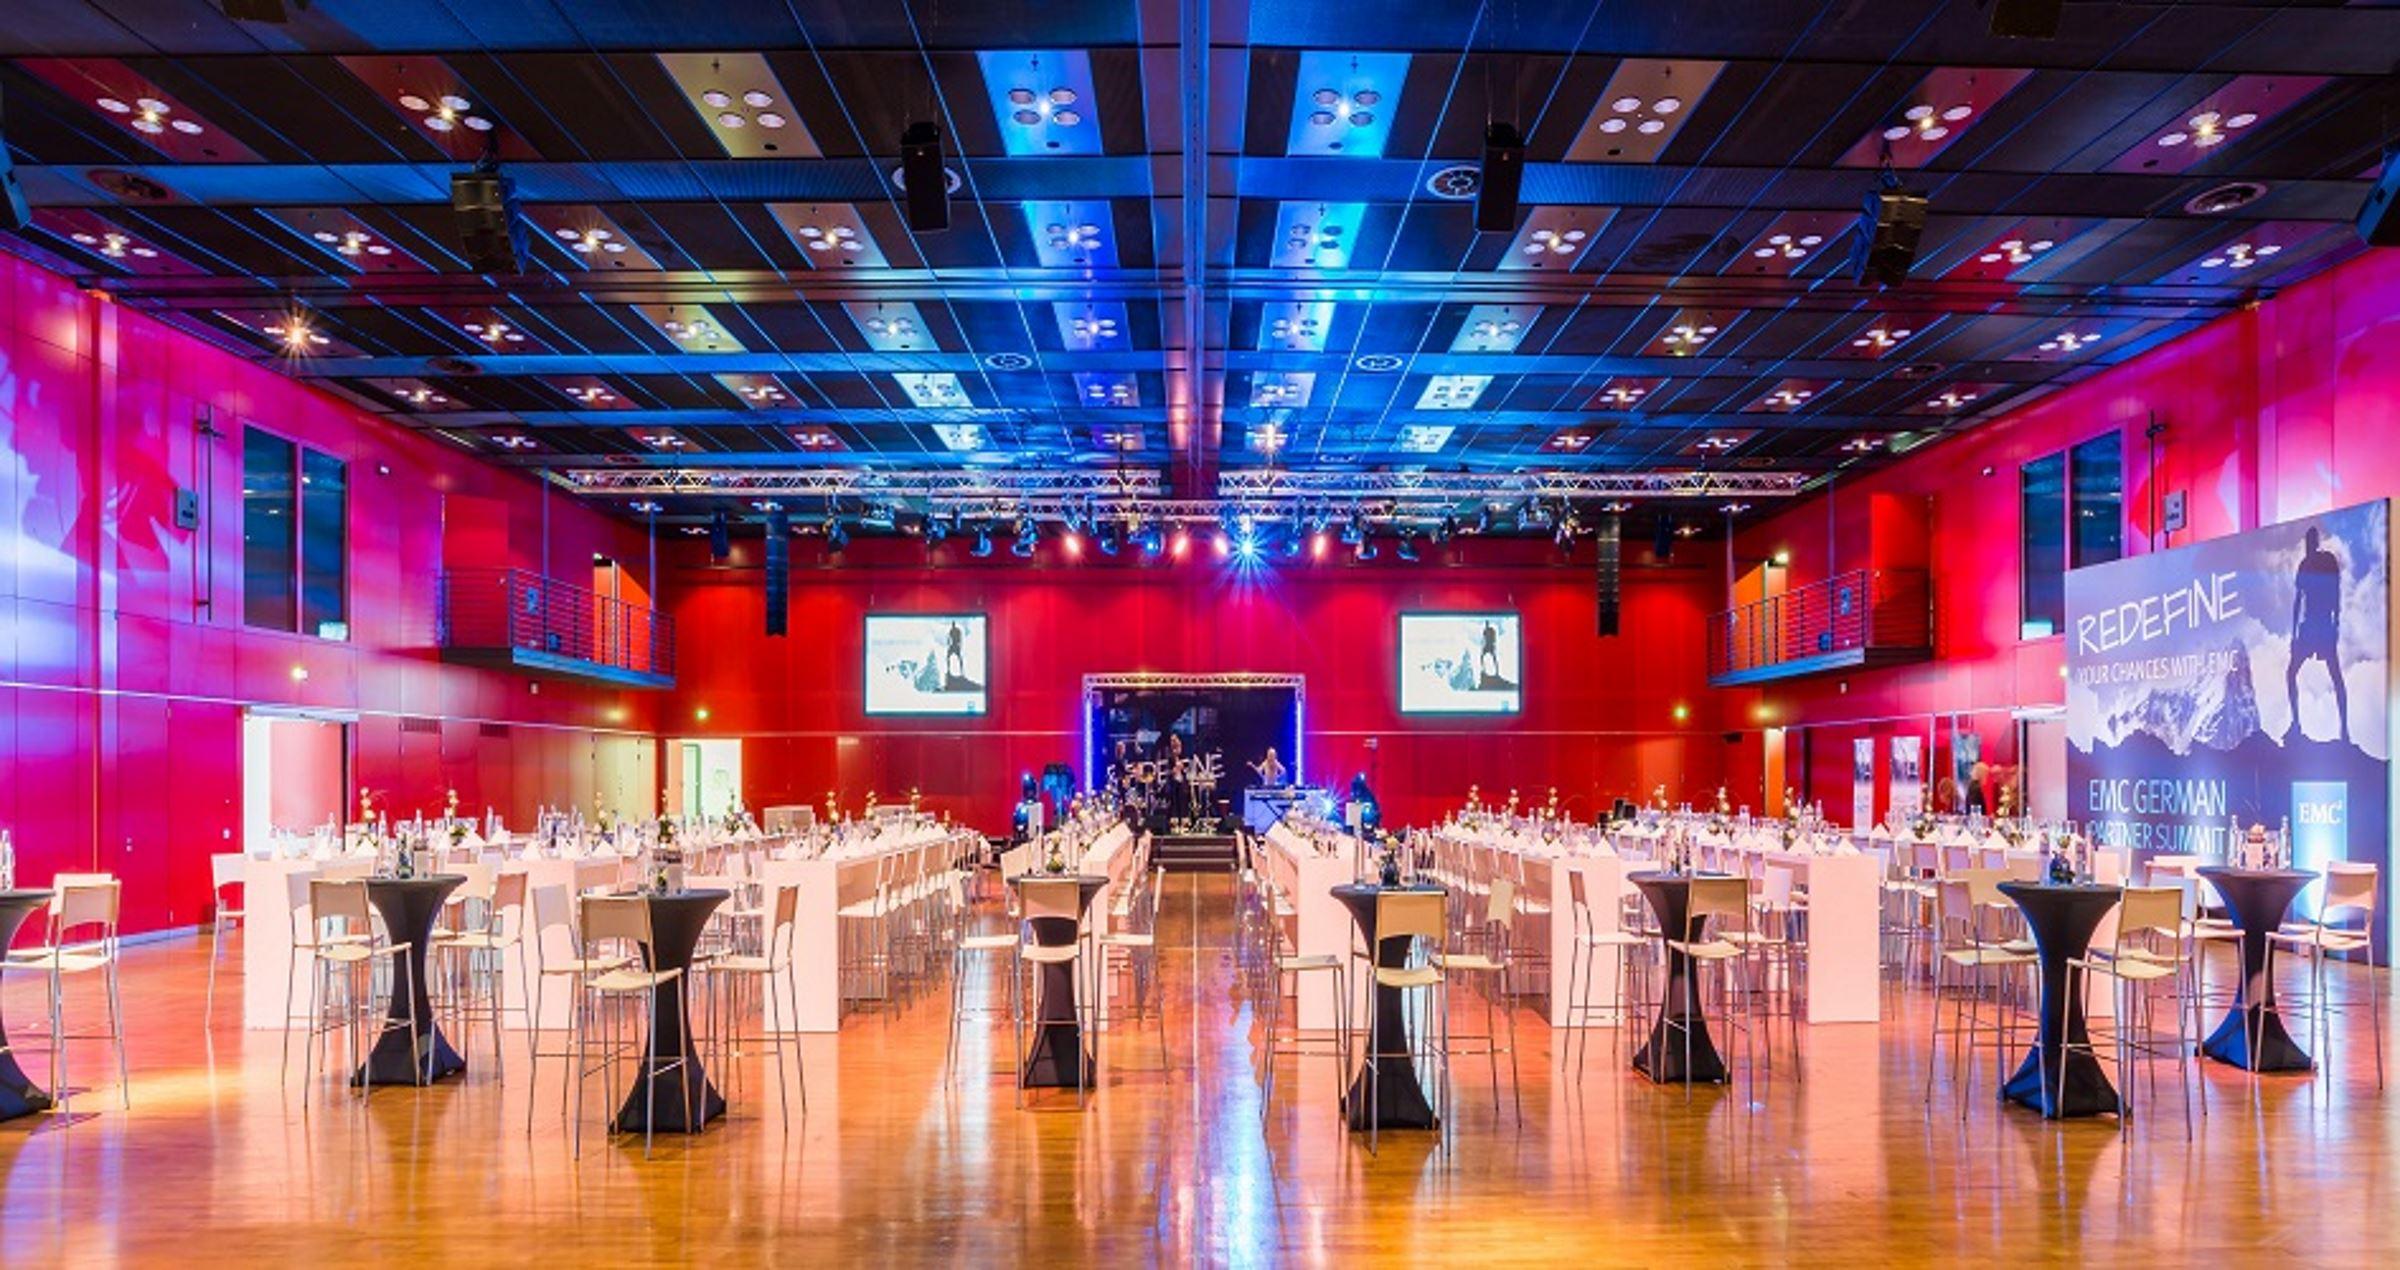 Gutenberg Saal 2 Rheingoldhalle